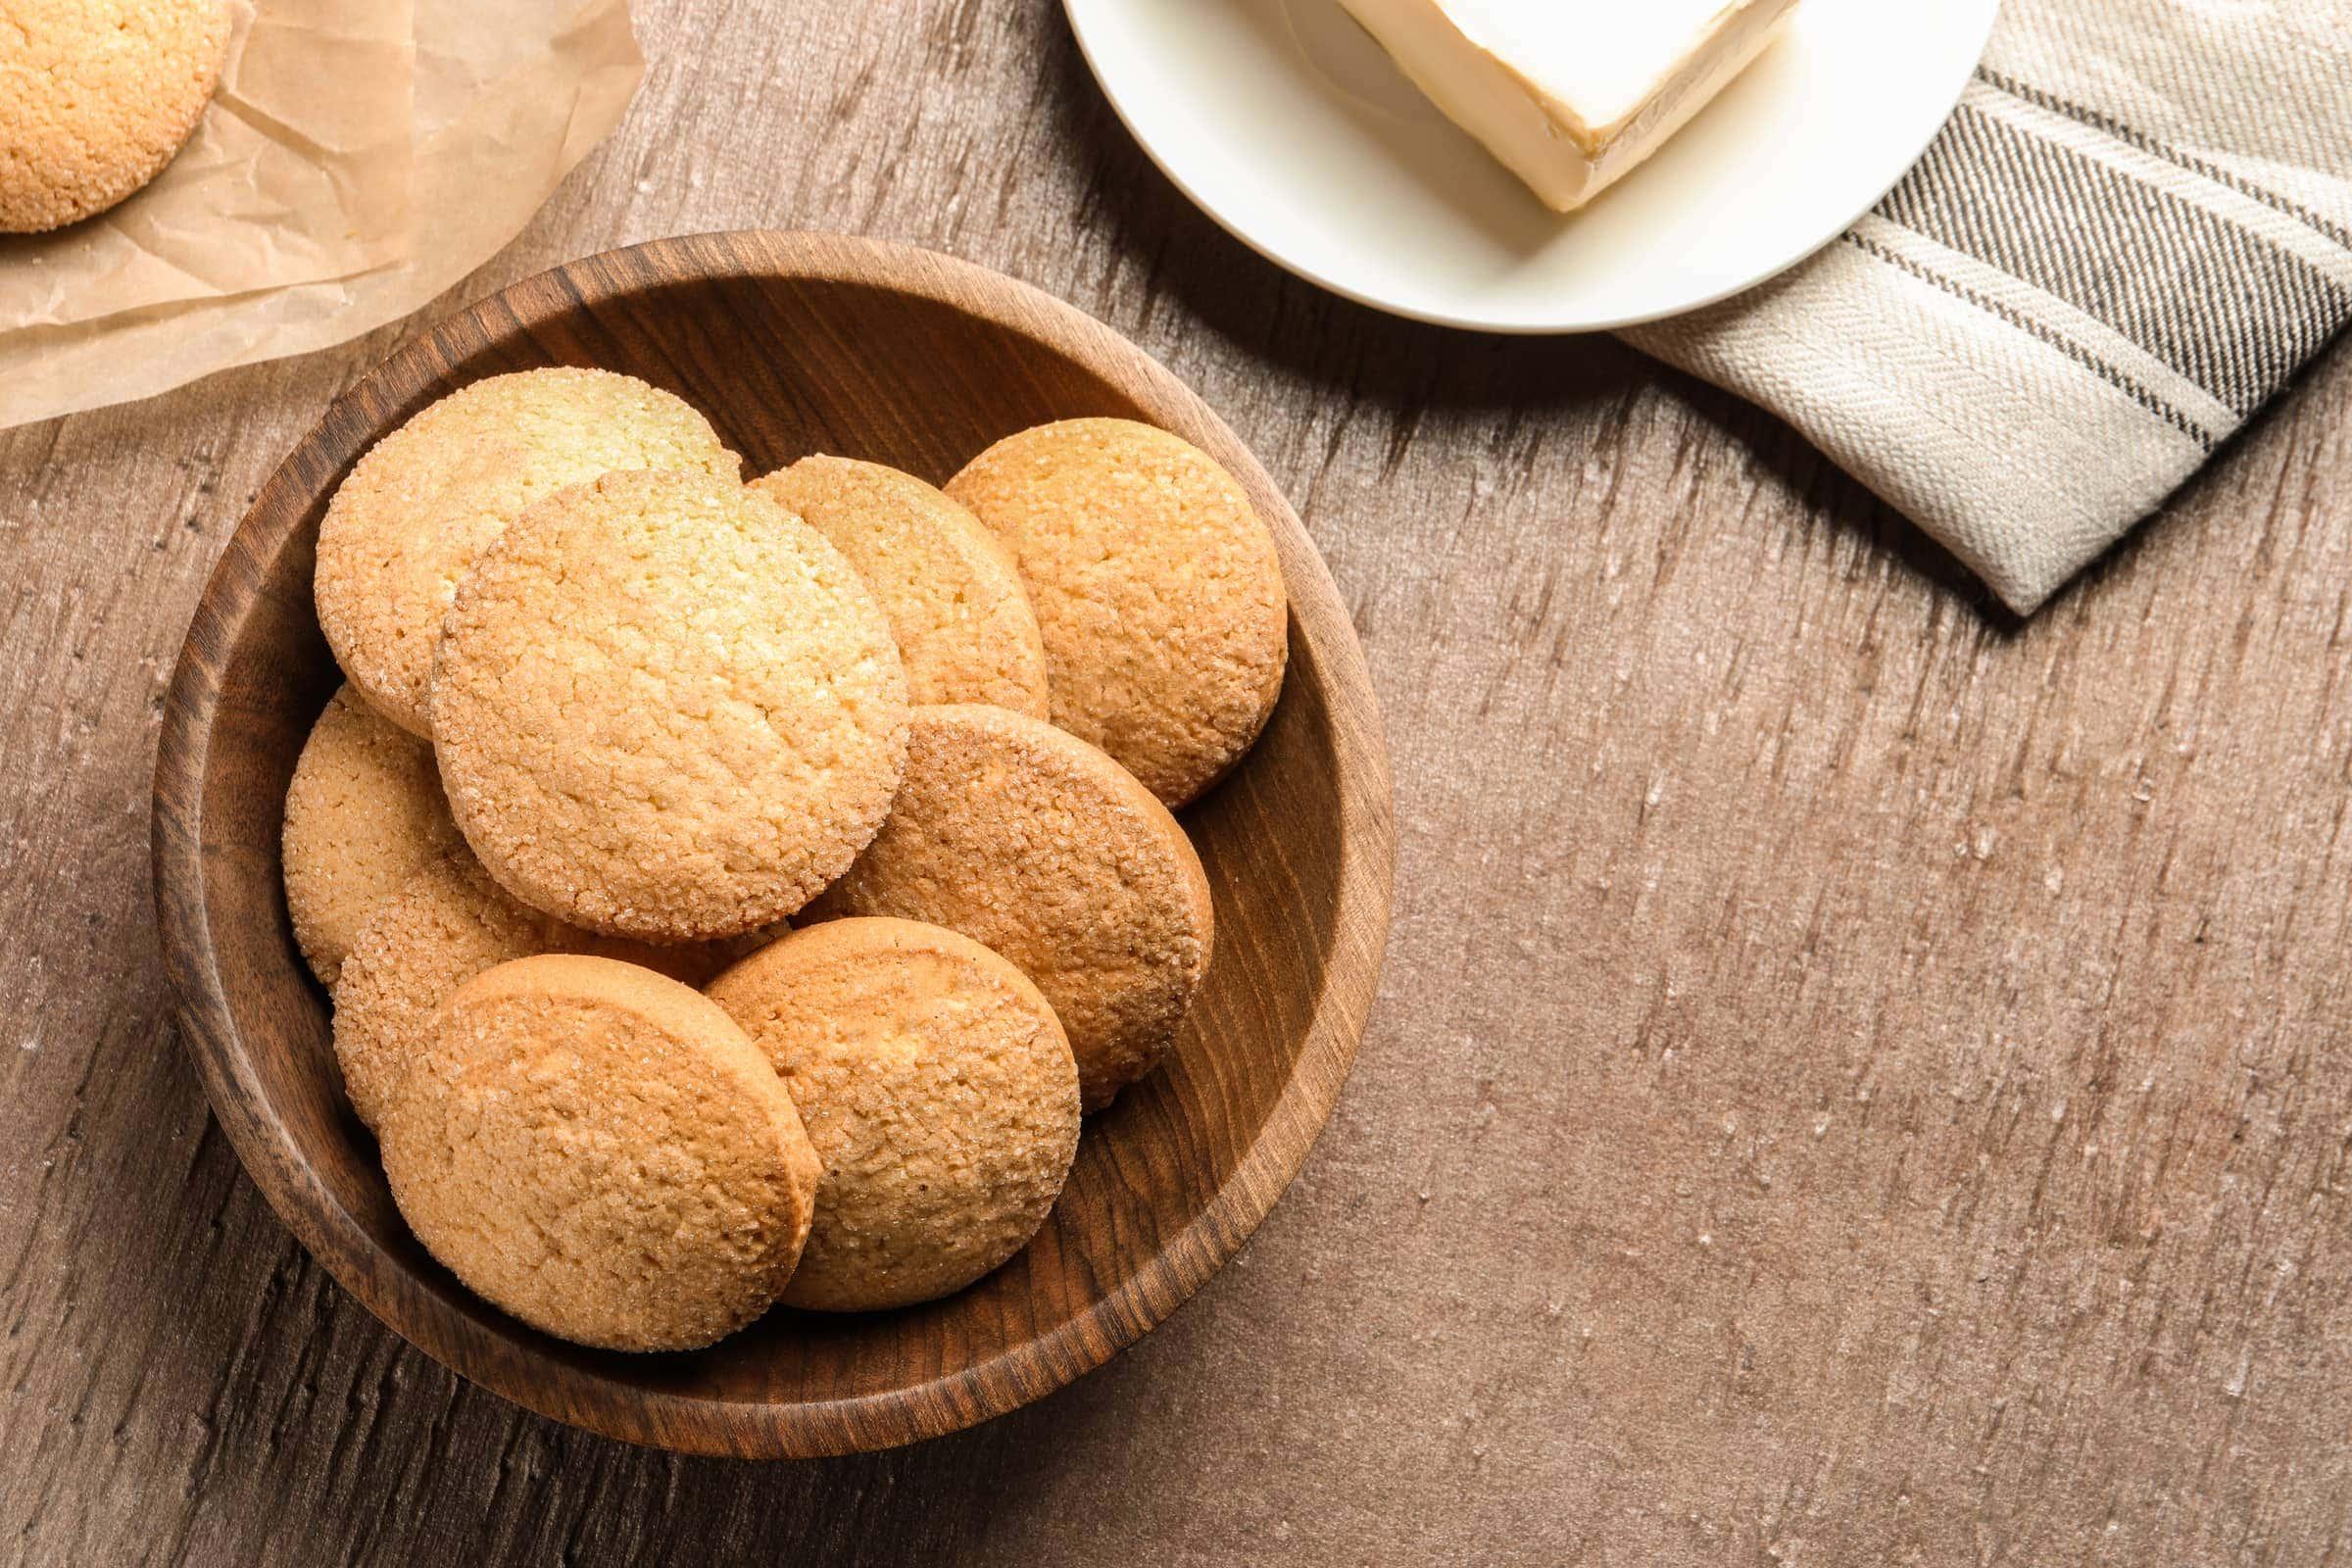 Ricetta Biscotti Al Burro Per Celiaci.Ricetta Biscotti Senza Glutine Il Club Delle Ricette